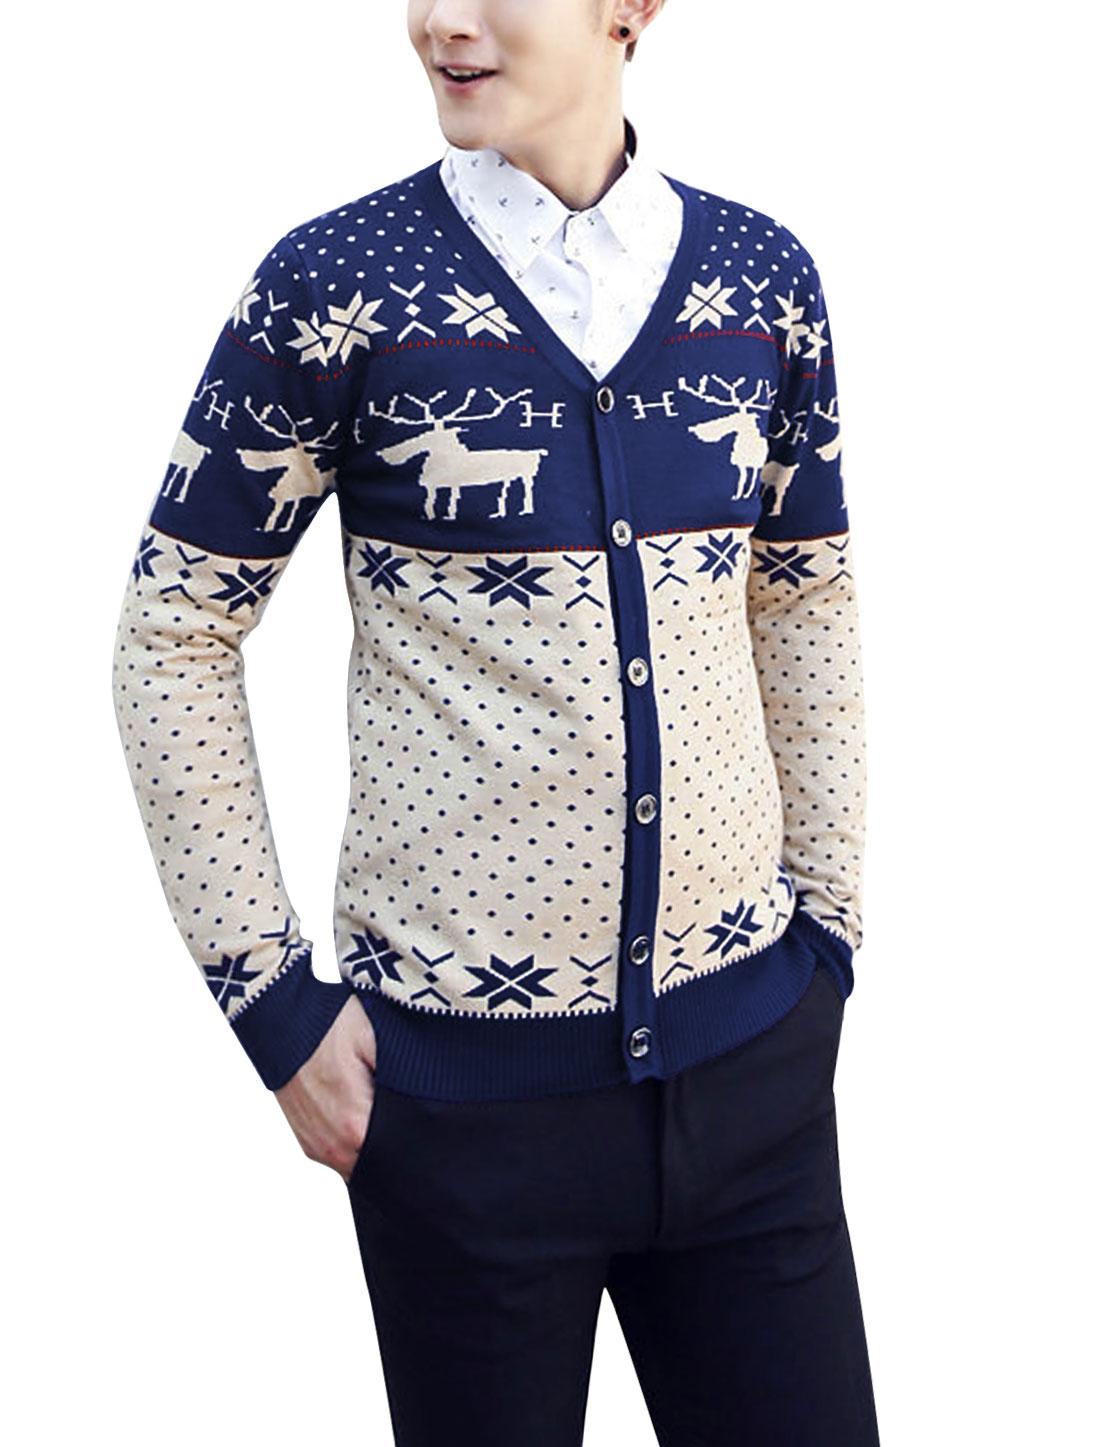 Men Geometric Dots Deer Pattern Single Breasted Casual Knit Cardigan Navy Blue Beige S